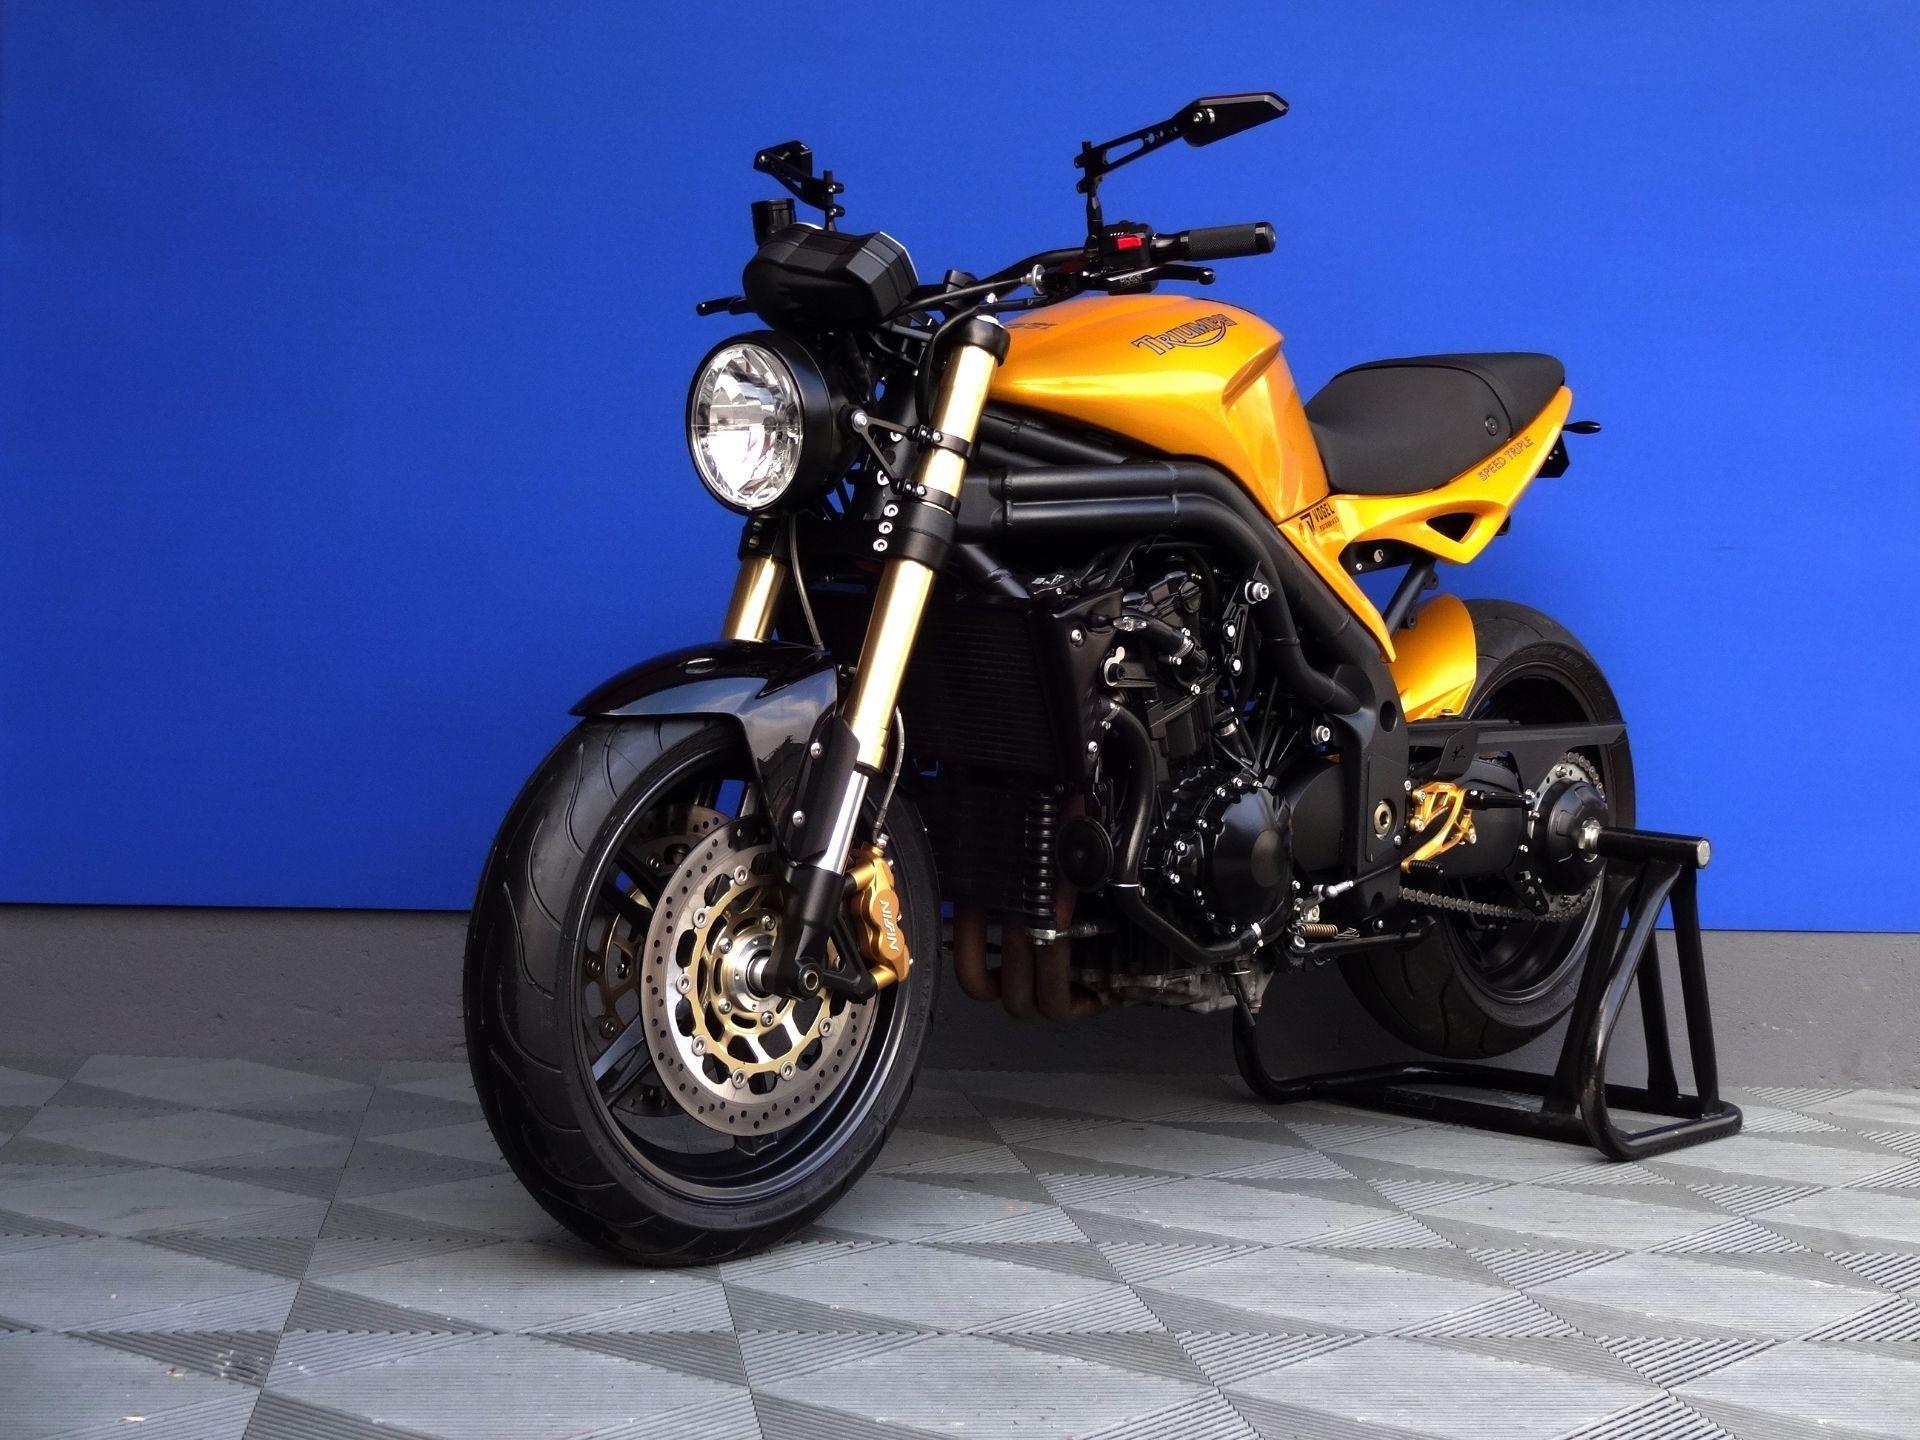 triumph speed triple 1050 spez vogel motorbikes sch pfheim occasion. Black Bedroom Furniture Sets. Home Design Ideas